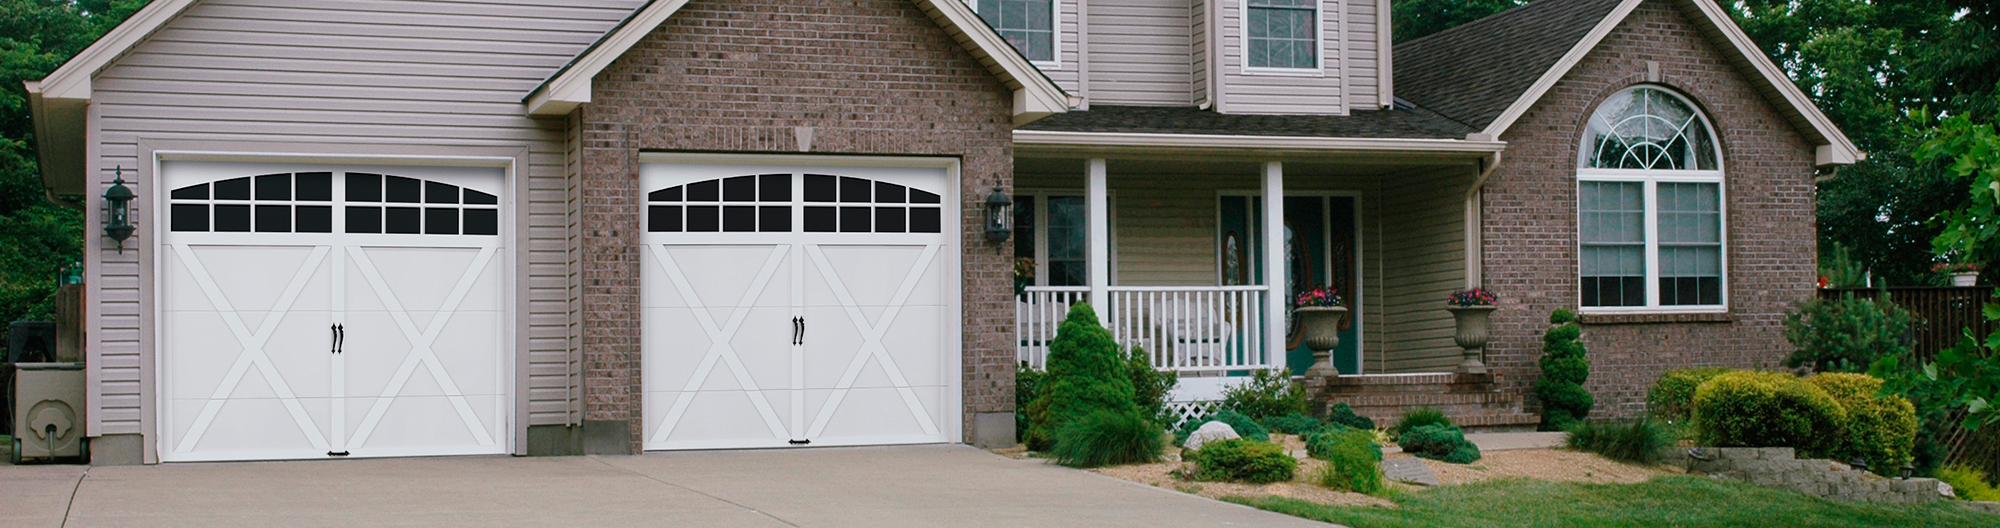 Garage Door Openers Residential And Commercial Distribudoors